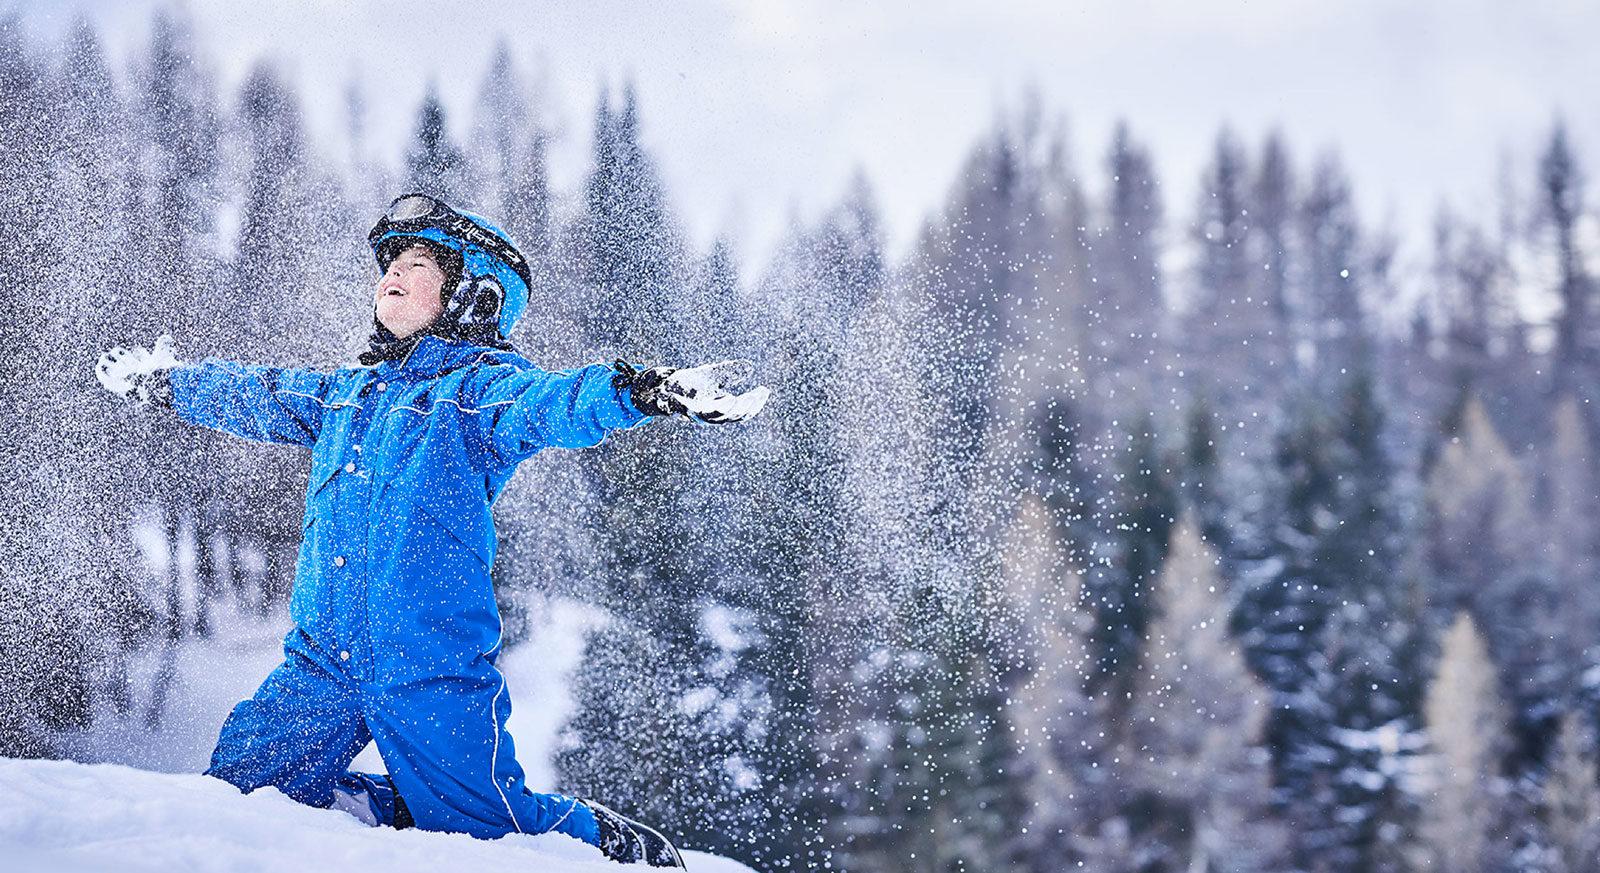 Enfant jouant dans la neige